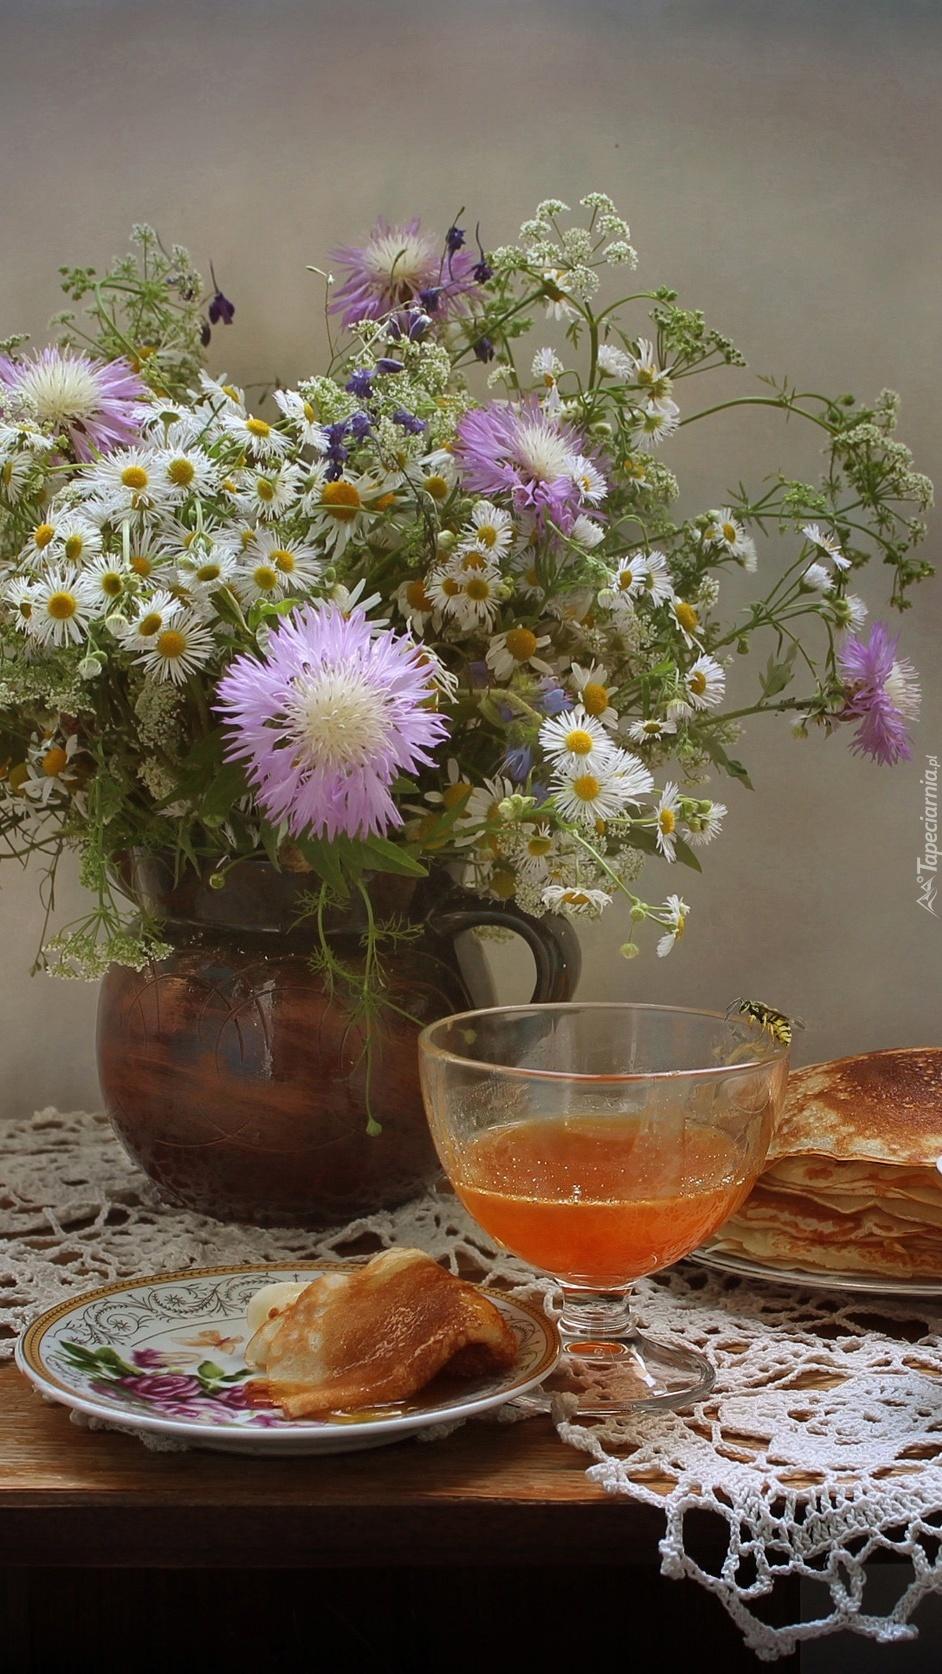 Naleśniki na talerzach obok dzbanka z kwiatami